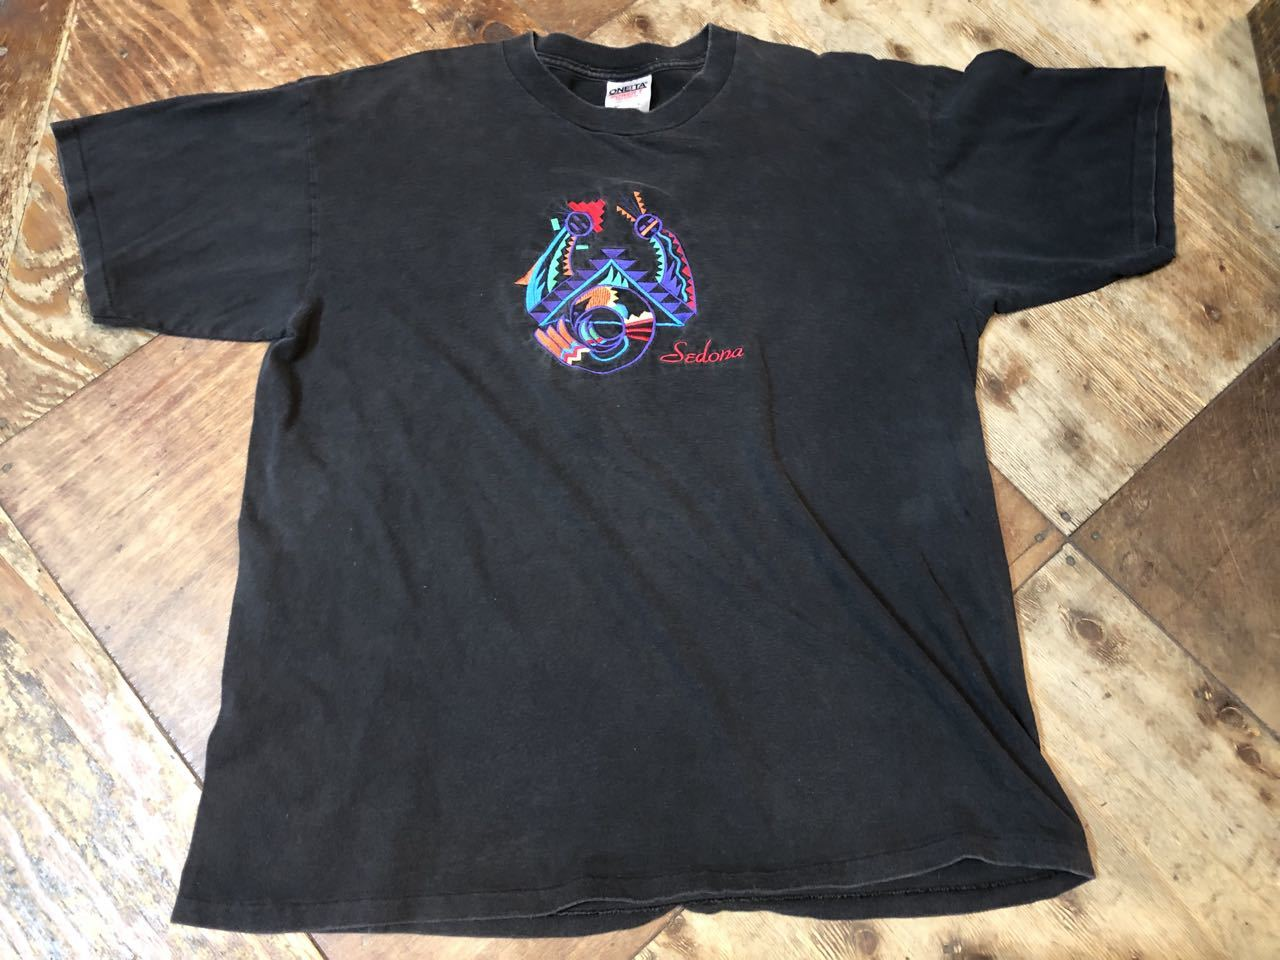 7月8日(月)入荷! 90s SEDONA 刺繍 Tシャツ! MADE IN U.S.A_c0144020_12531853.jpg